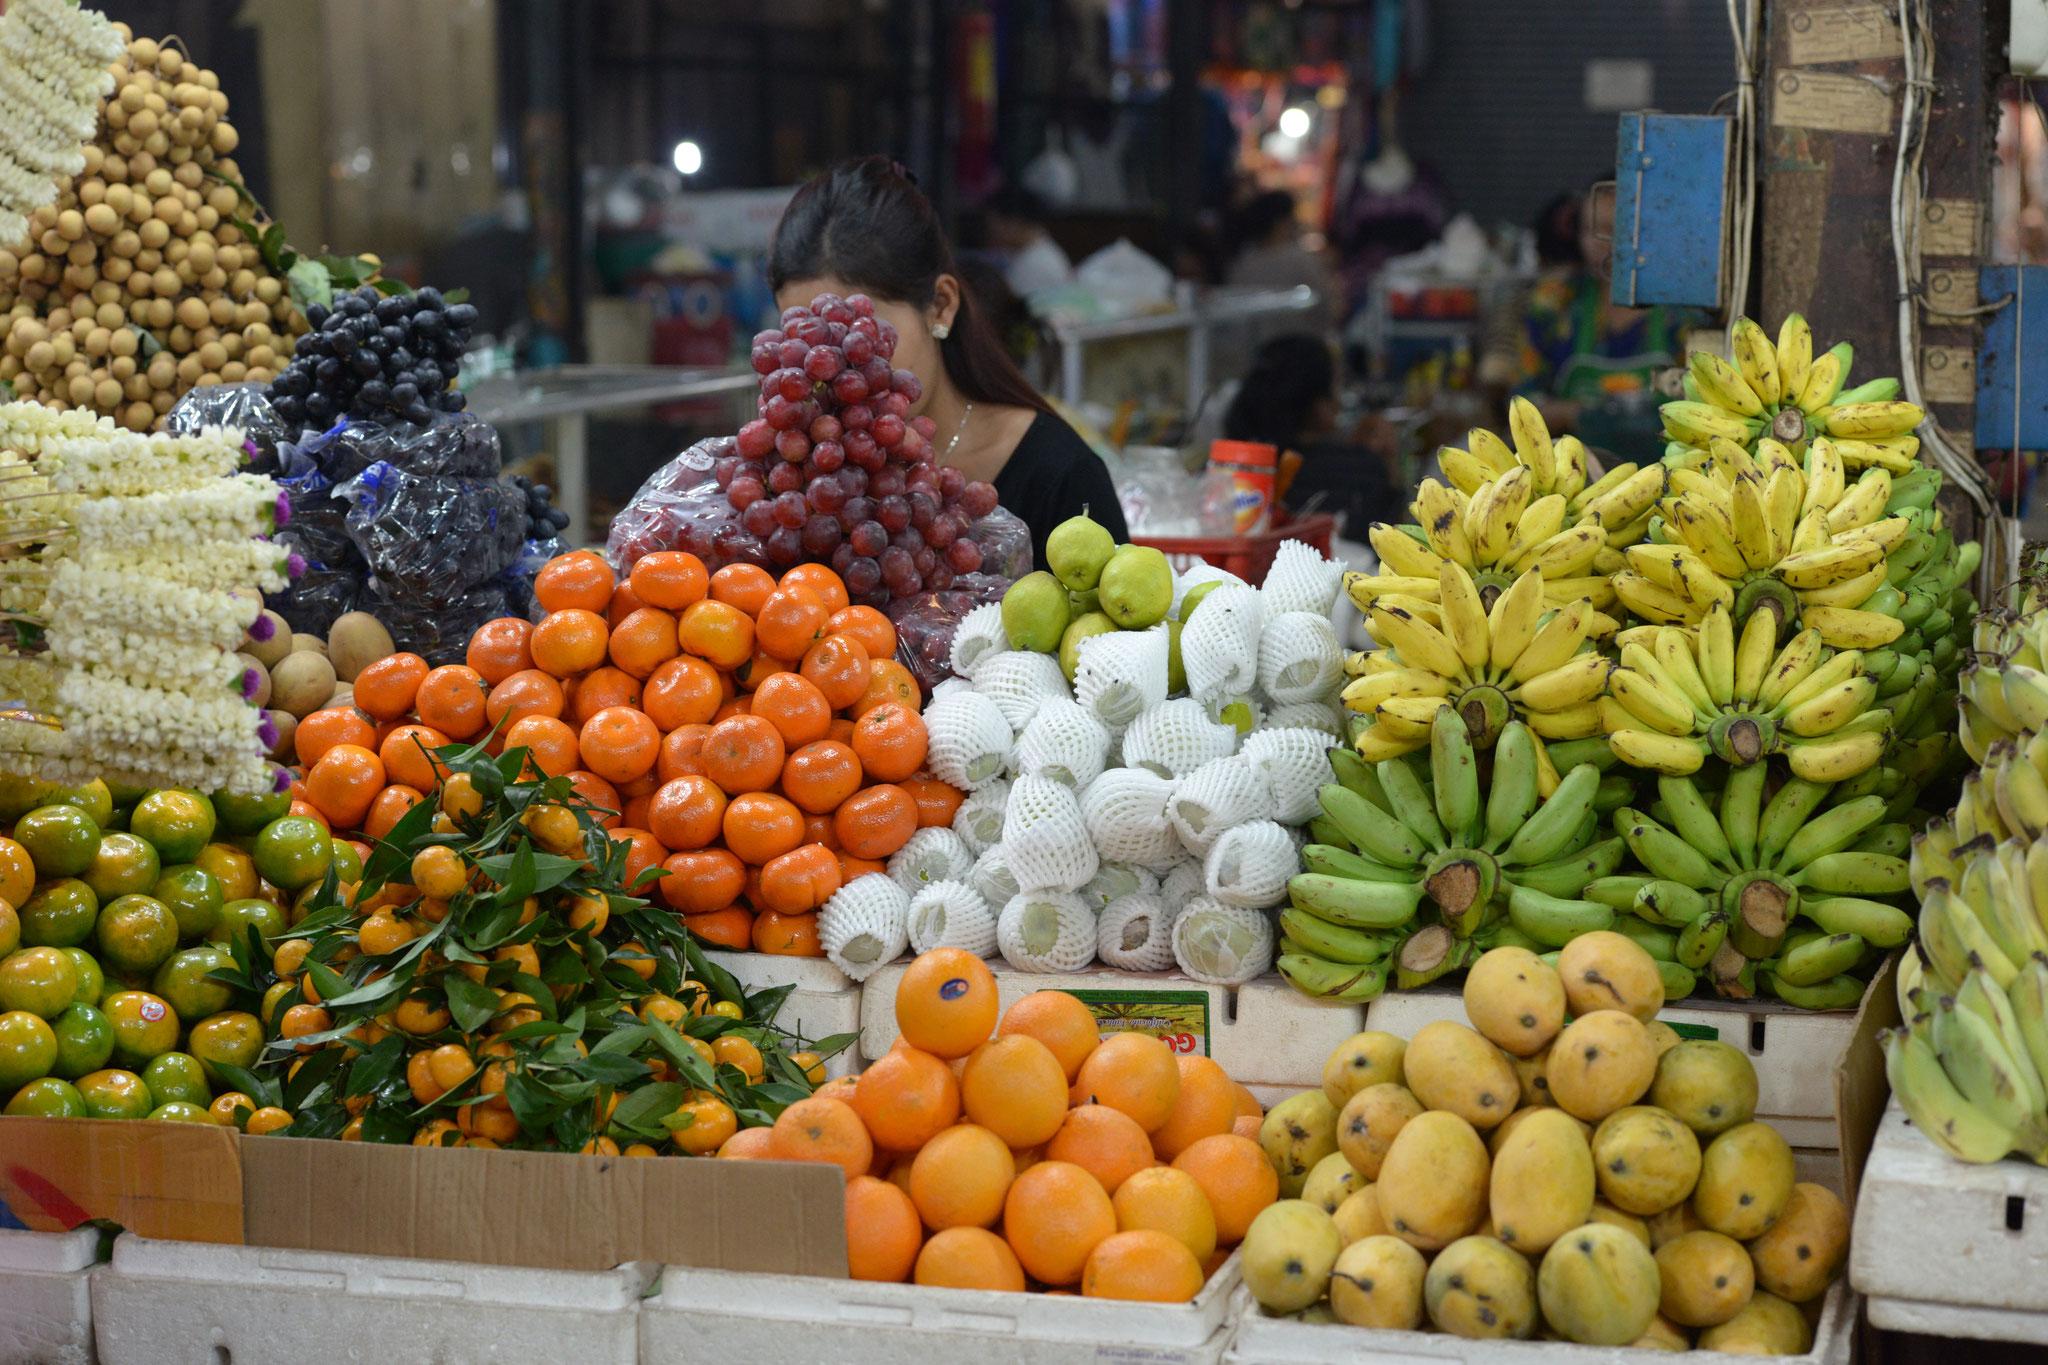 Farbenfrohe Früchte